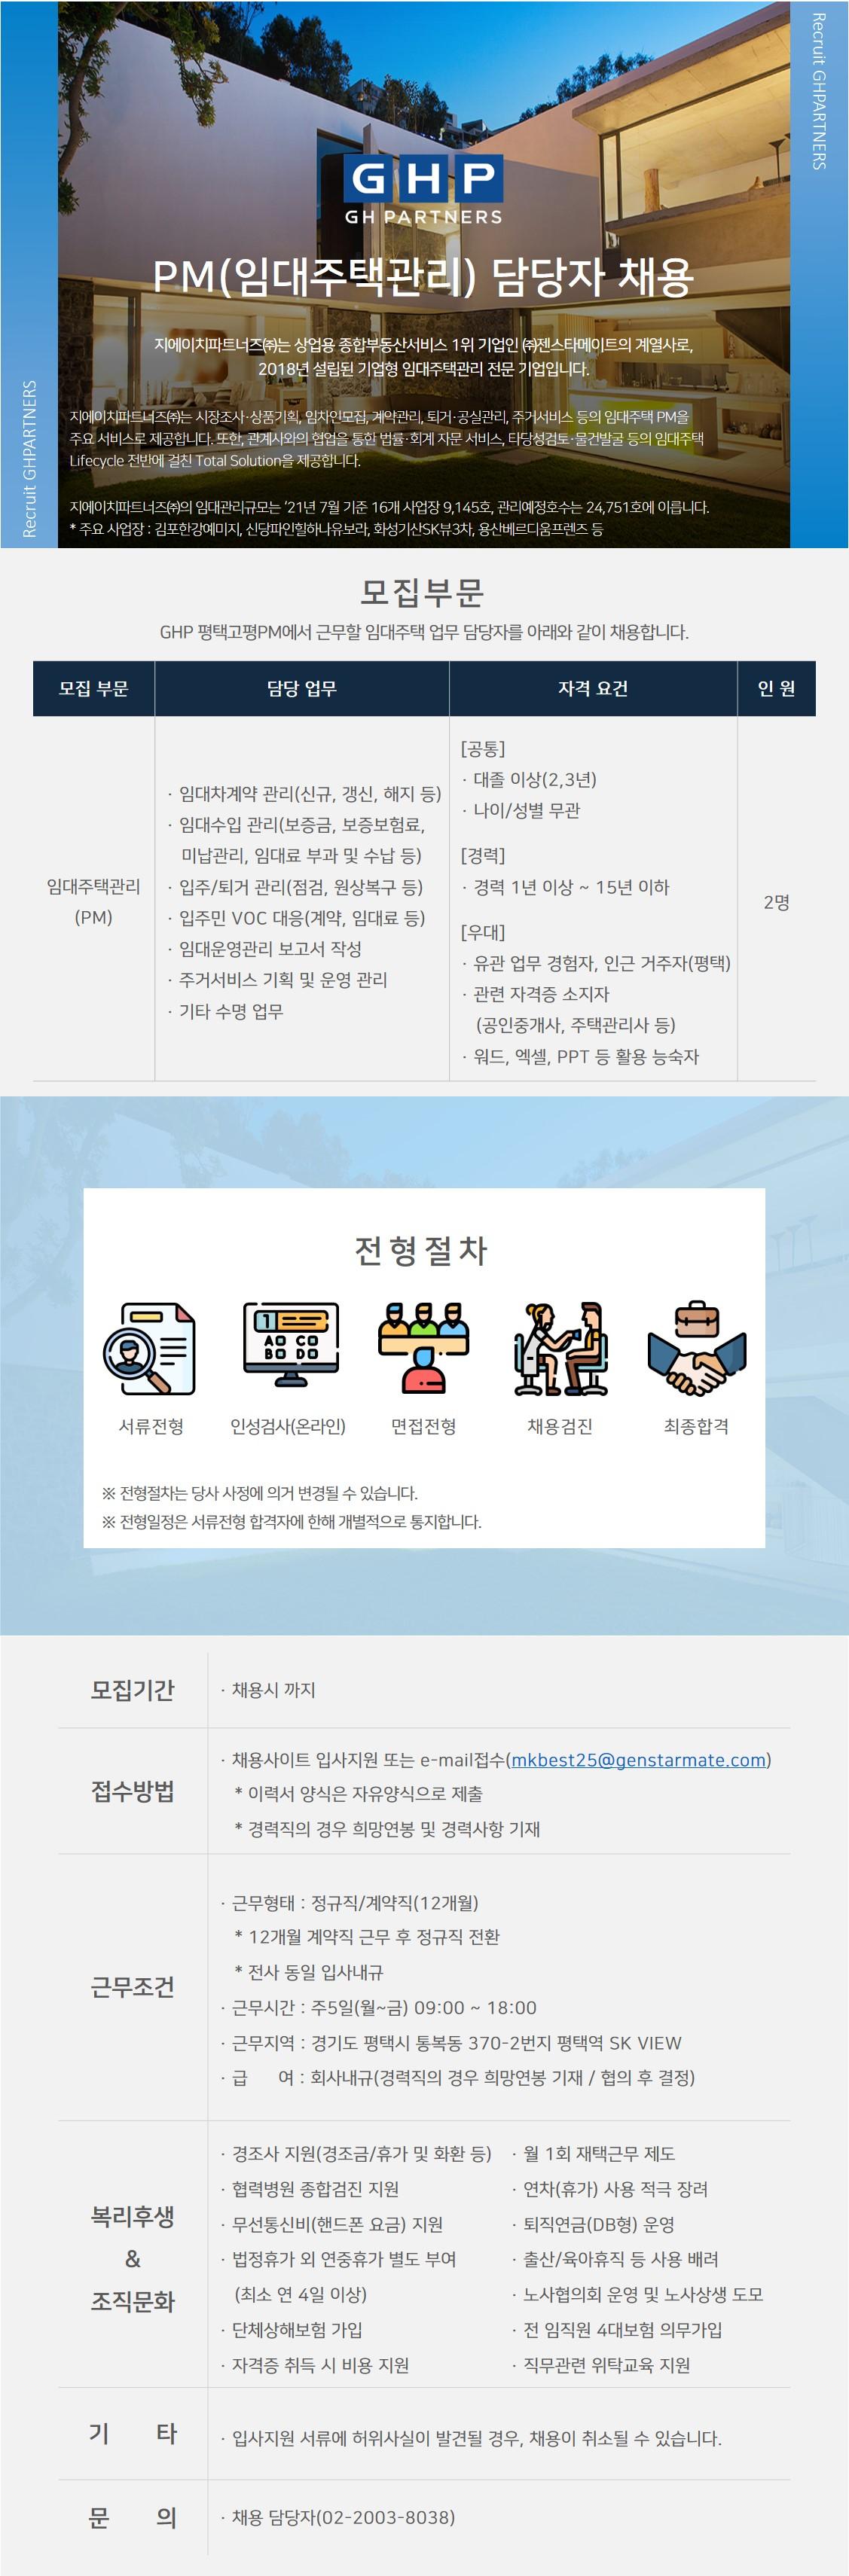 20210906 평택고평PM 채용공고(PM'er).jpg